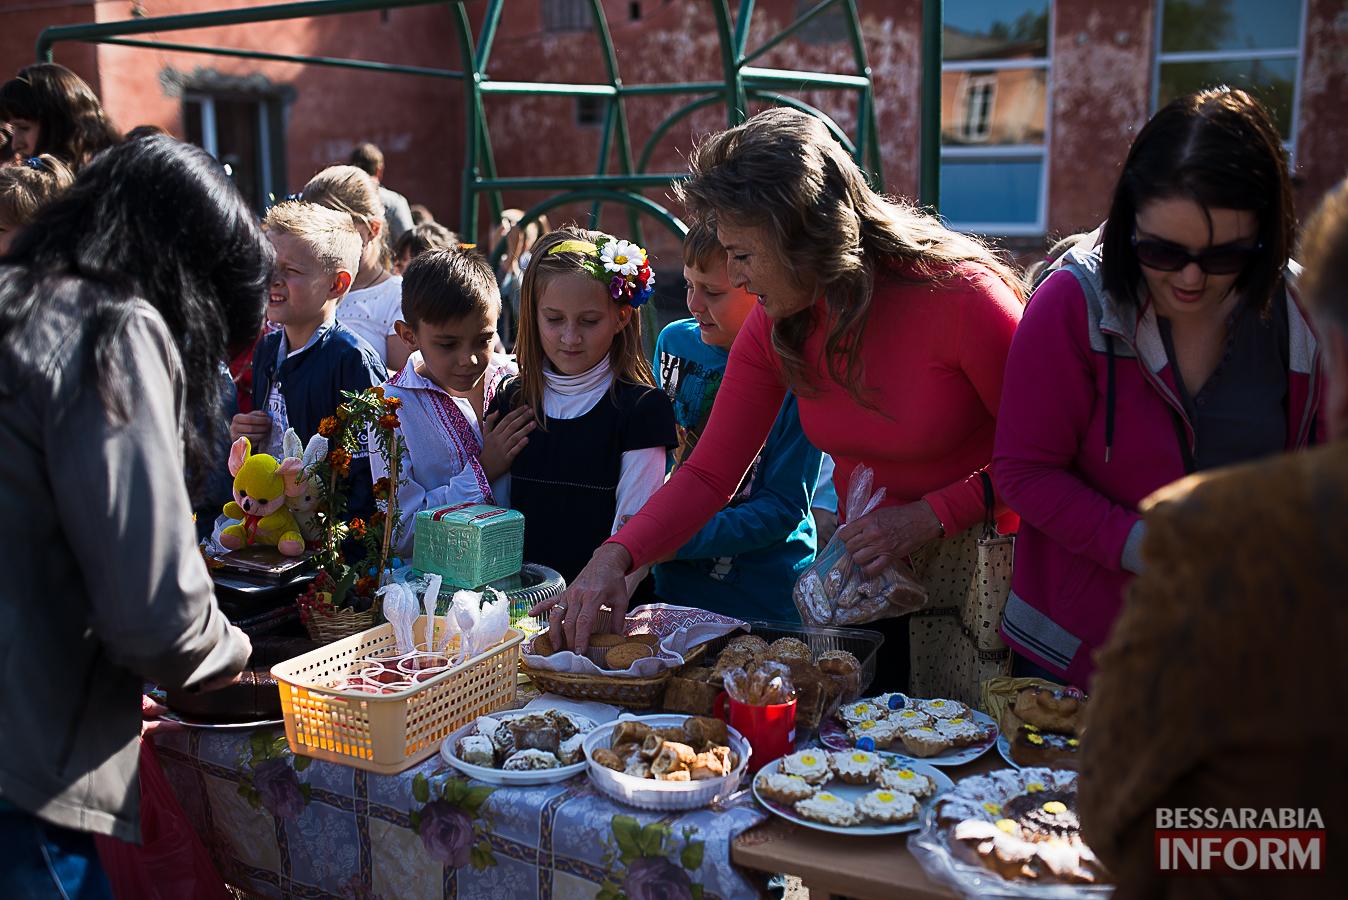 SME_0025 Измаил: в ОШ №16 прошла благотворительная сладкая ярмарка (фото)